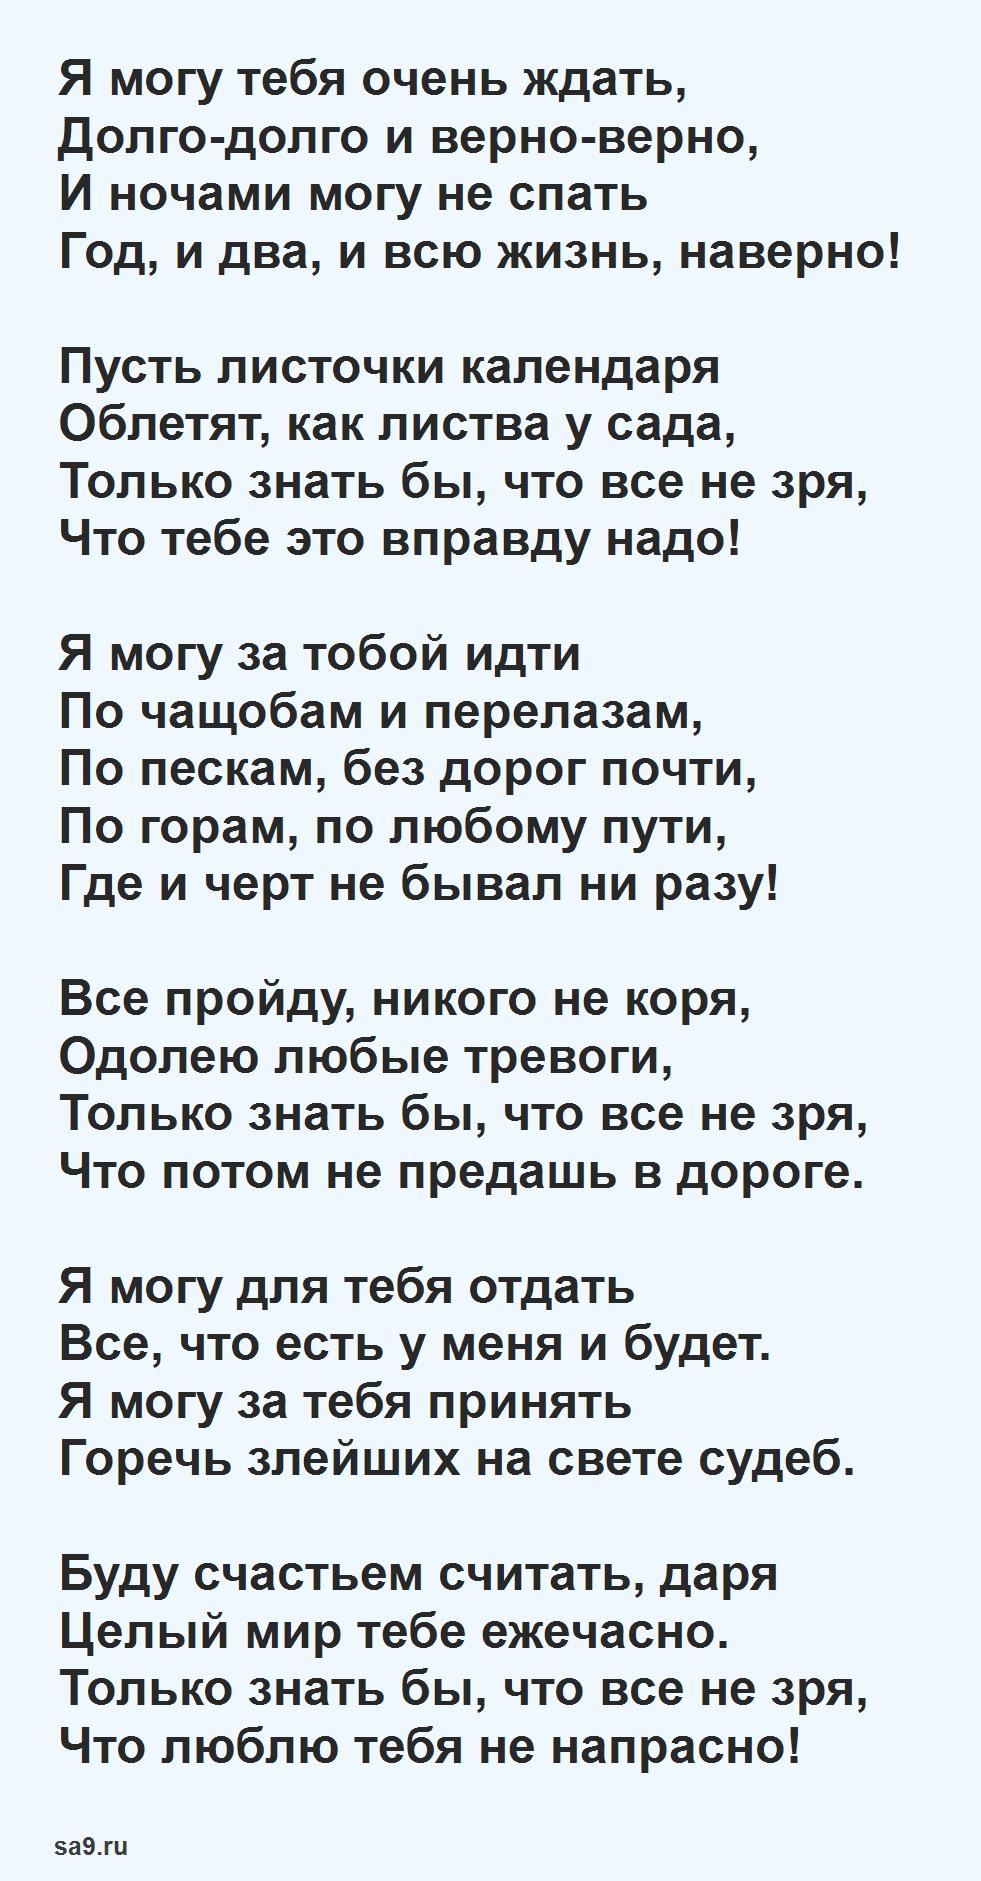 Асадов стихи о любви - Я могу тебя очень ждать